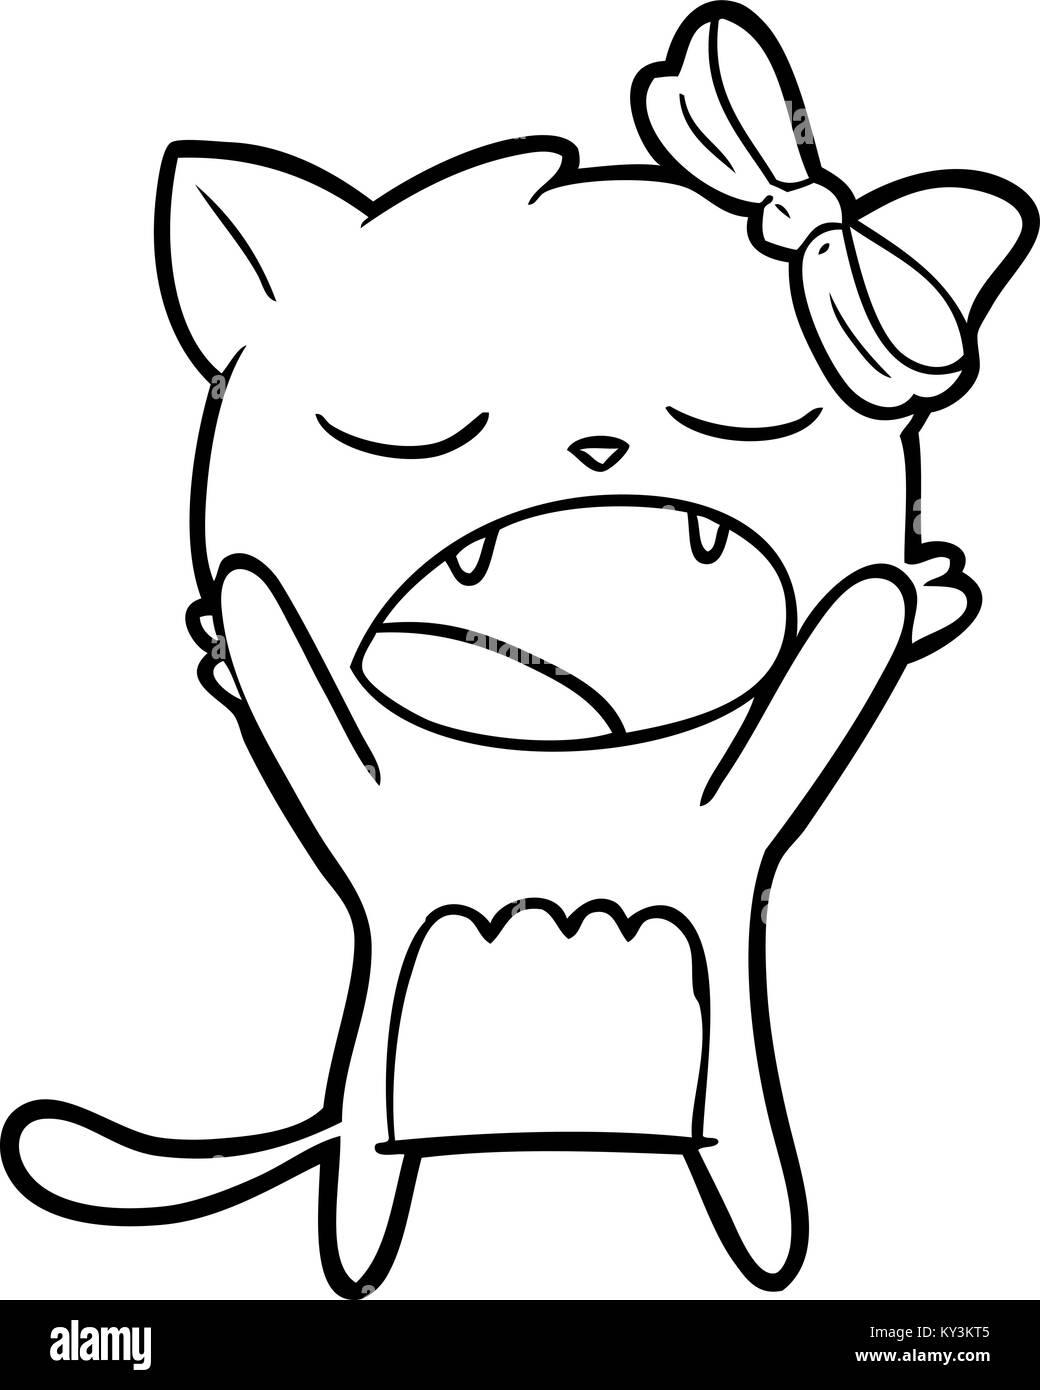 Cartoon Cat Meowing Stock Vector Image Art Alamy,Patty Pan Squash